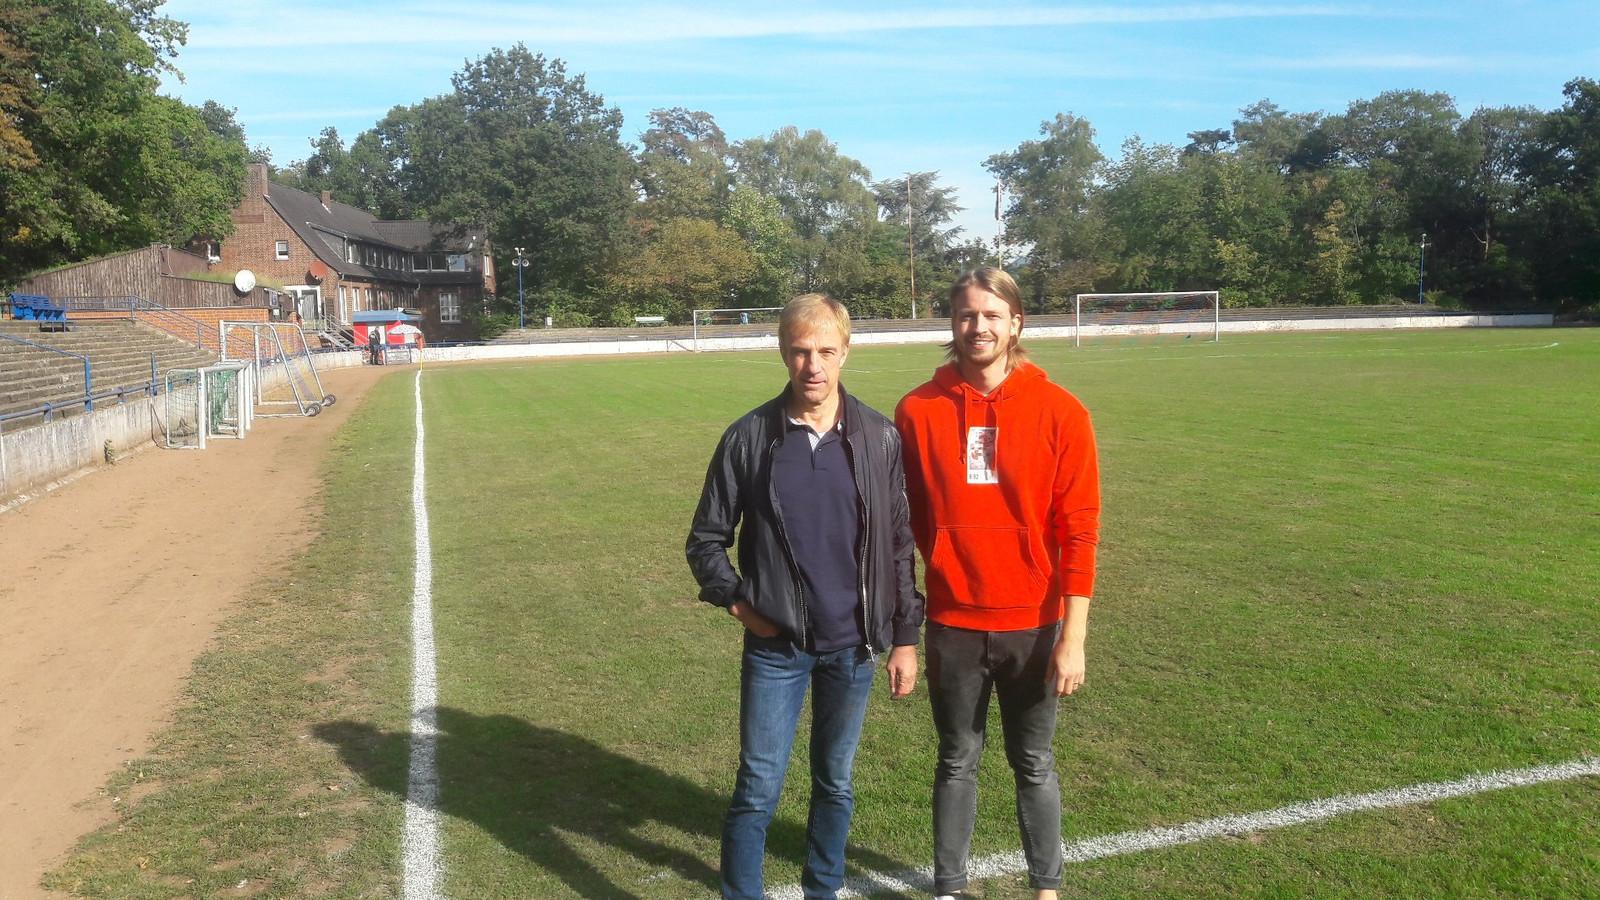 Achim en Andre Apitzsch op het complex waar Kostas Mitroglou als voetballer opgroeide